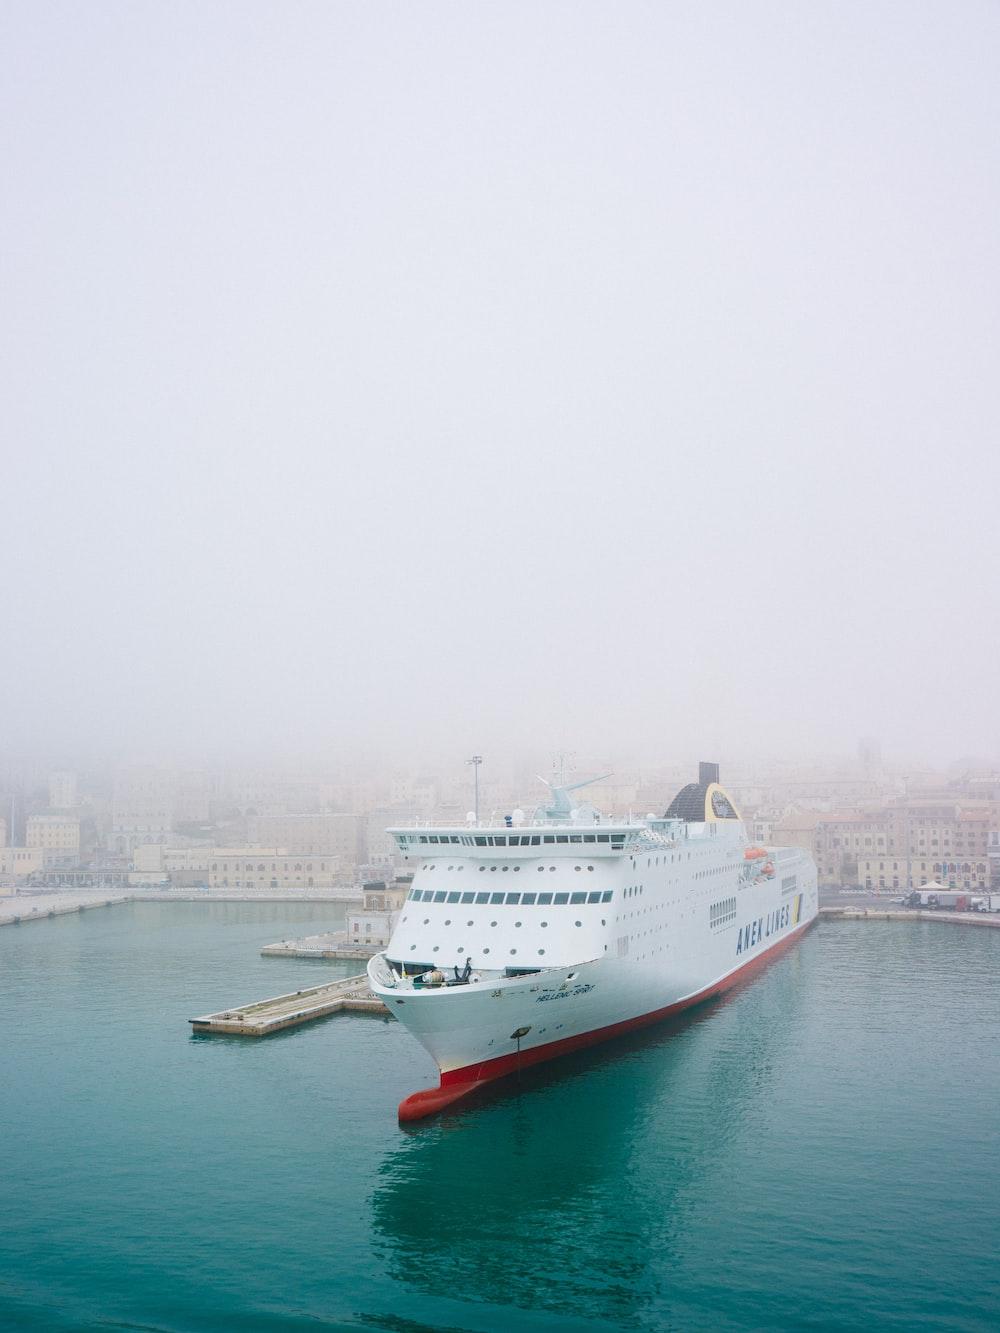 white cruise ship on body of water docking at daytime